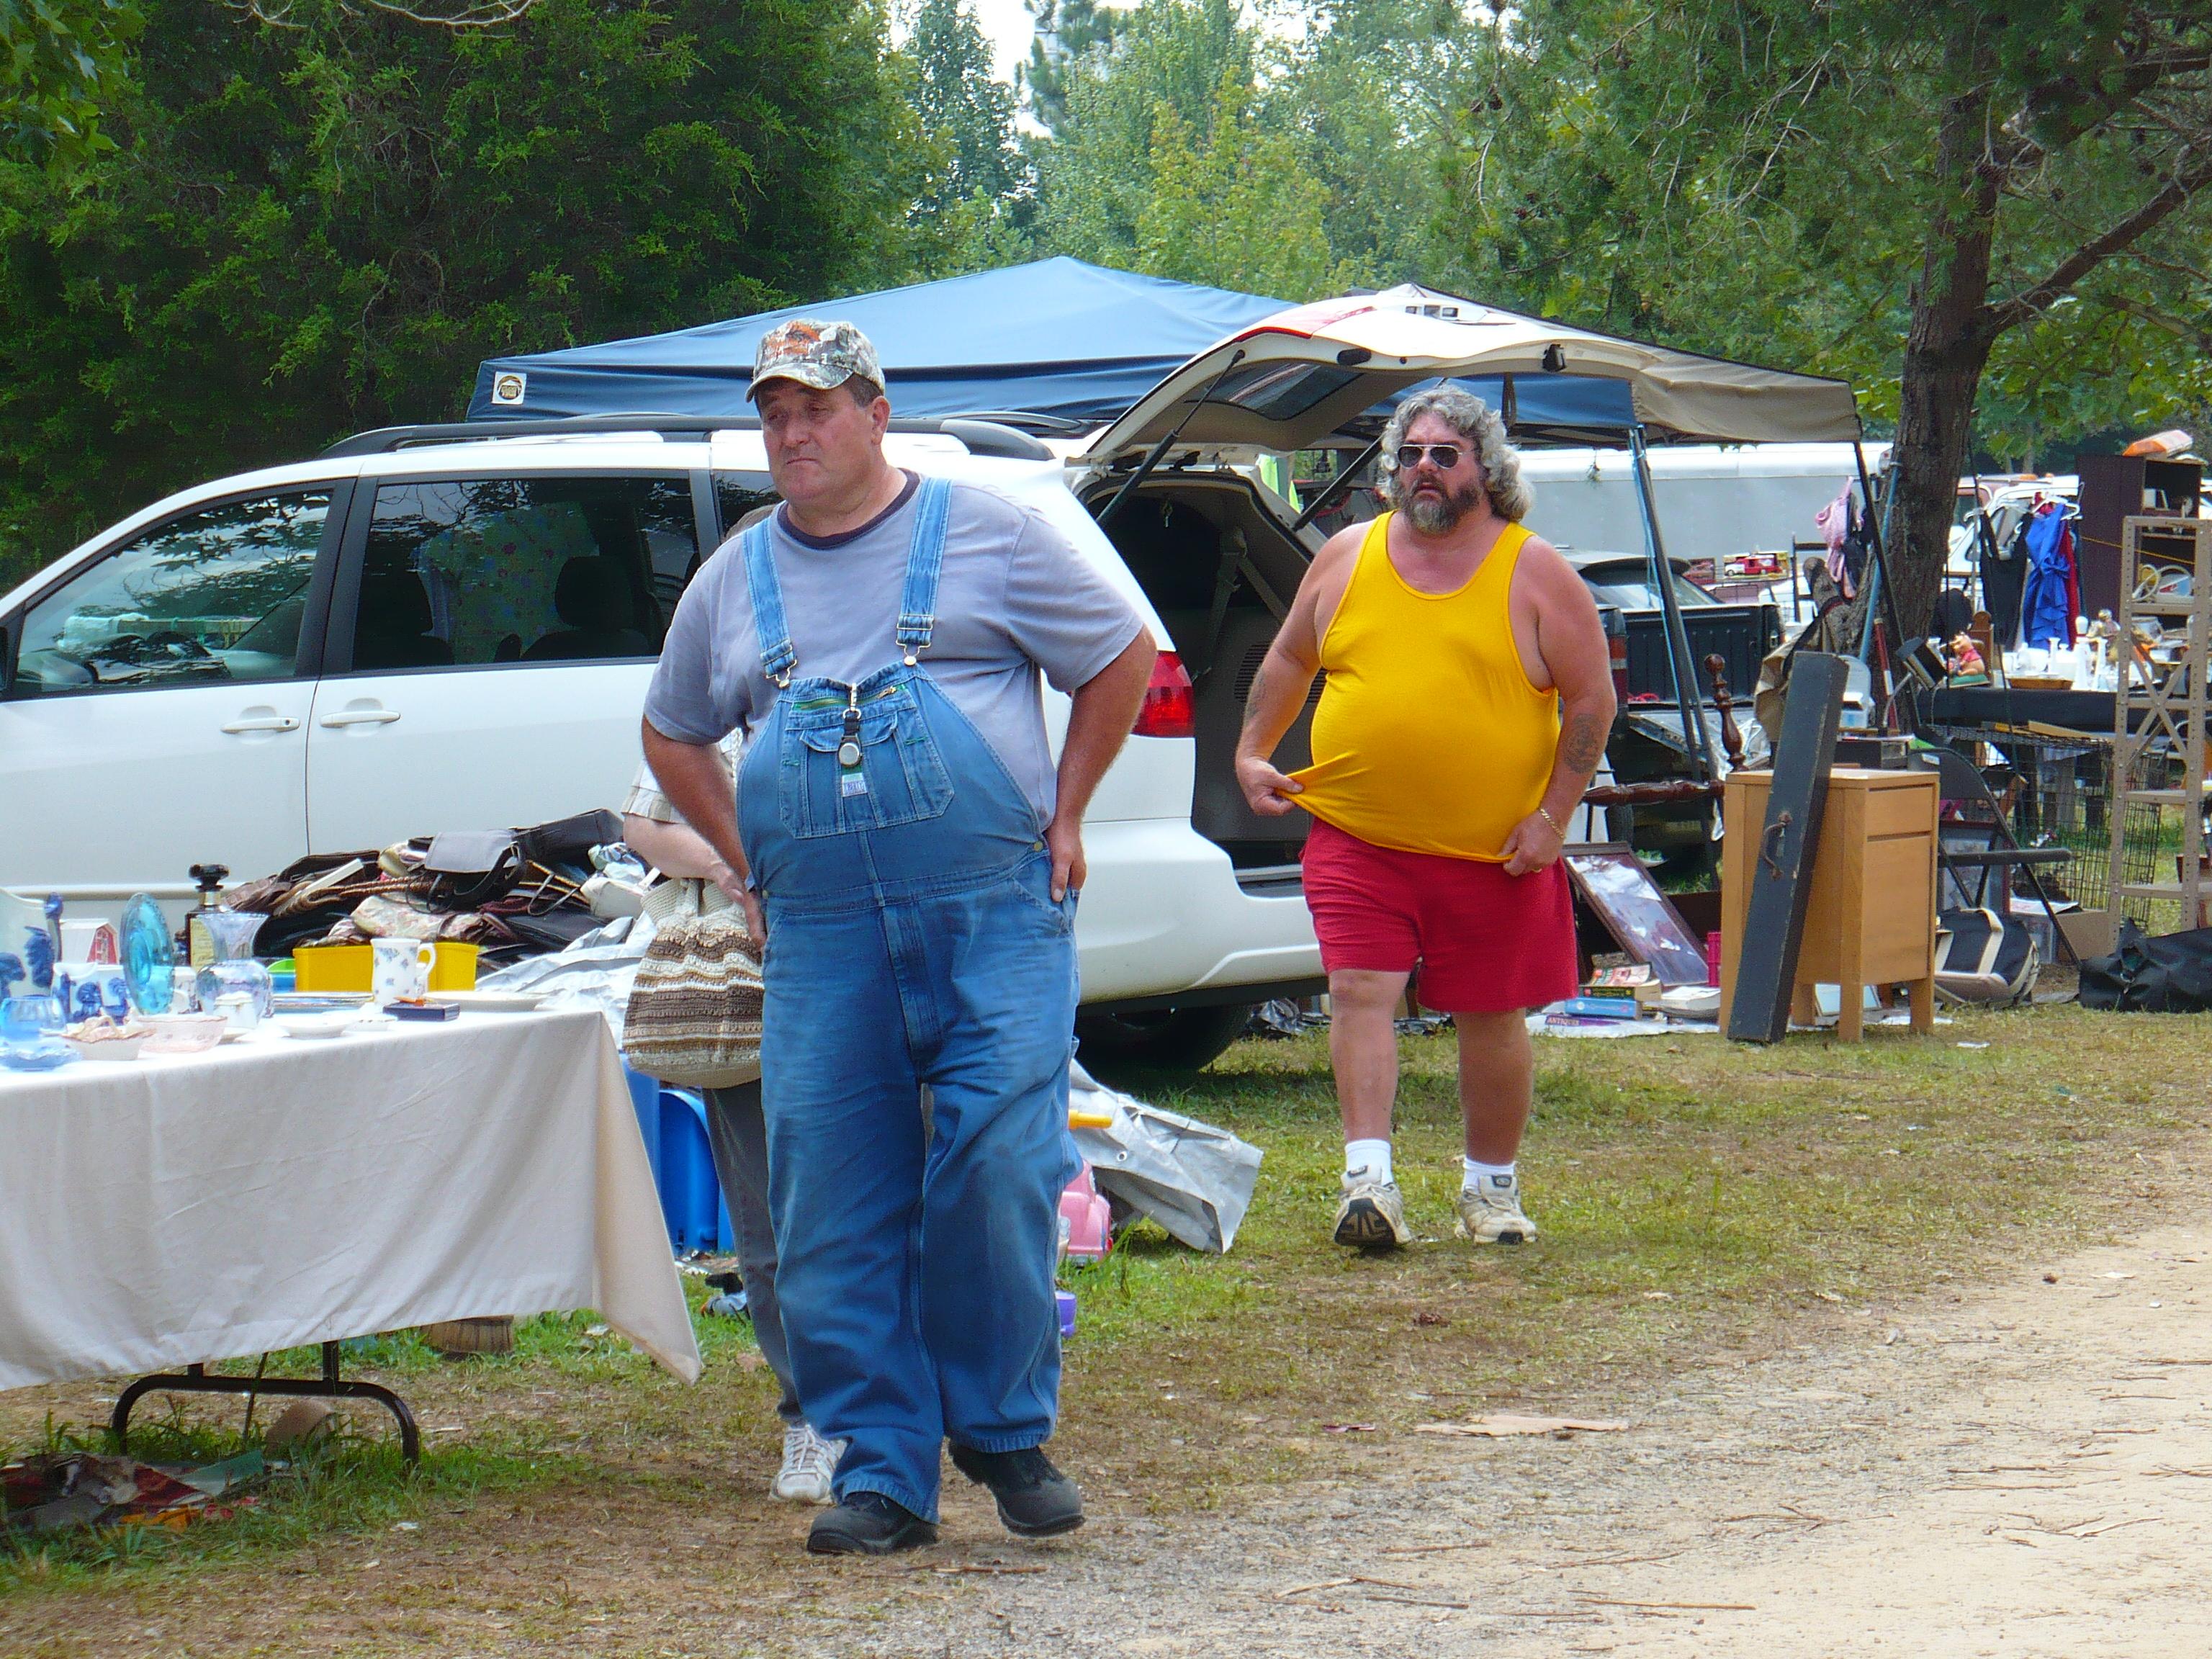 Lady Bug Circus: 127 Yard Sale was Fun